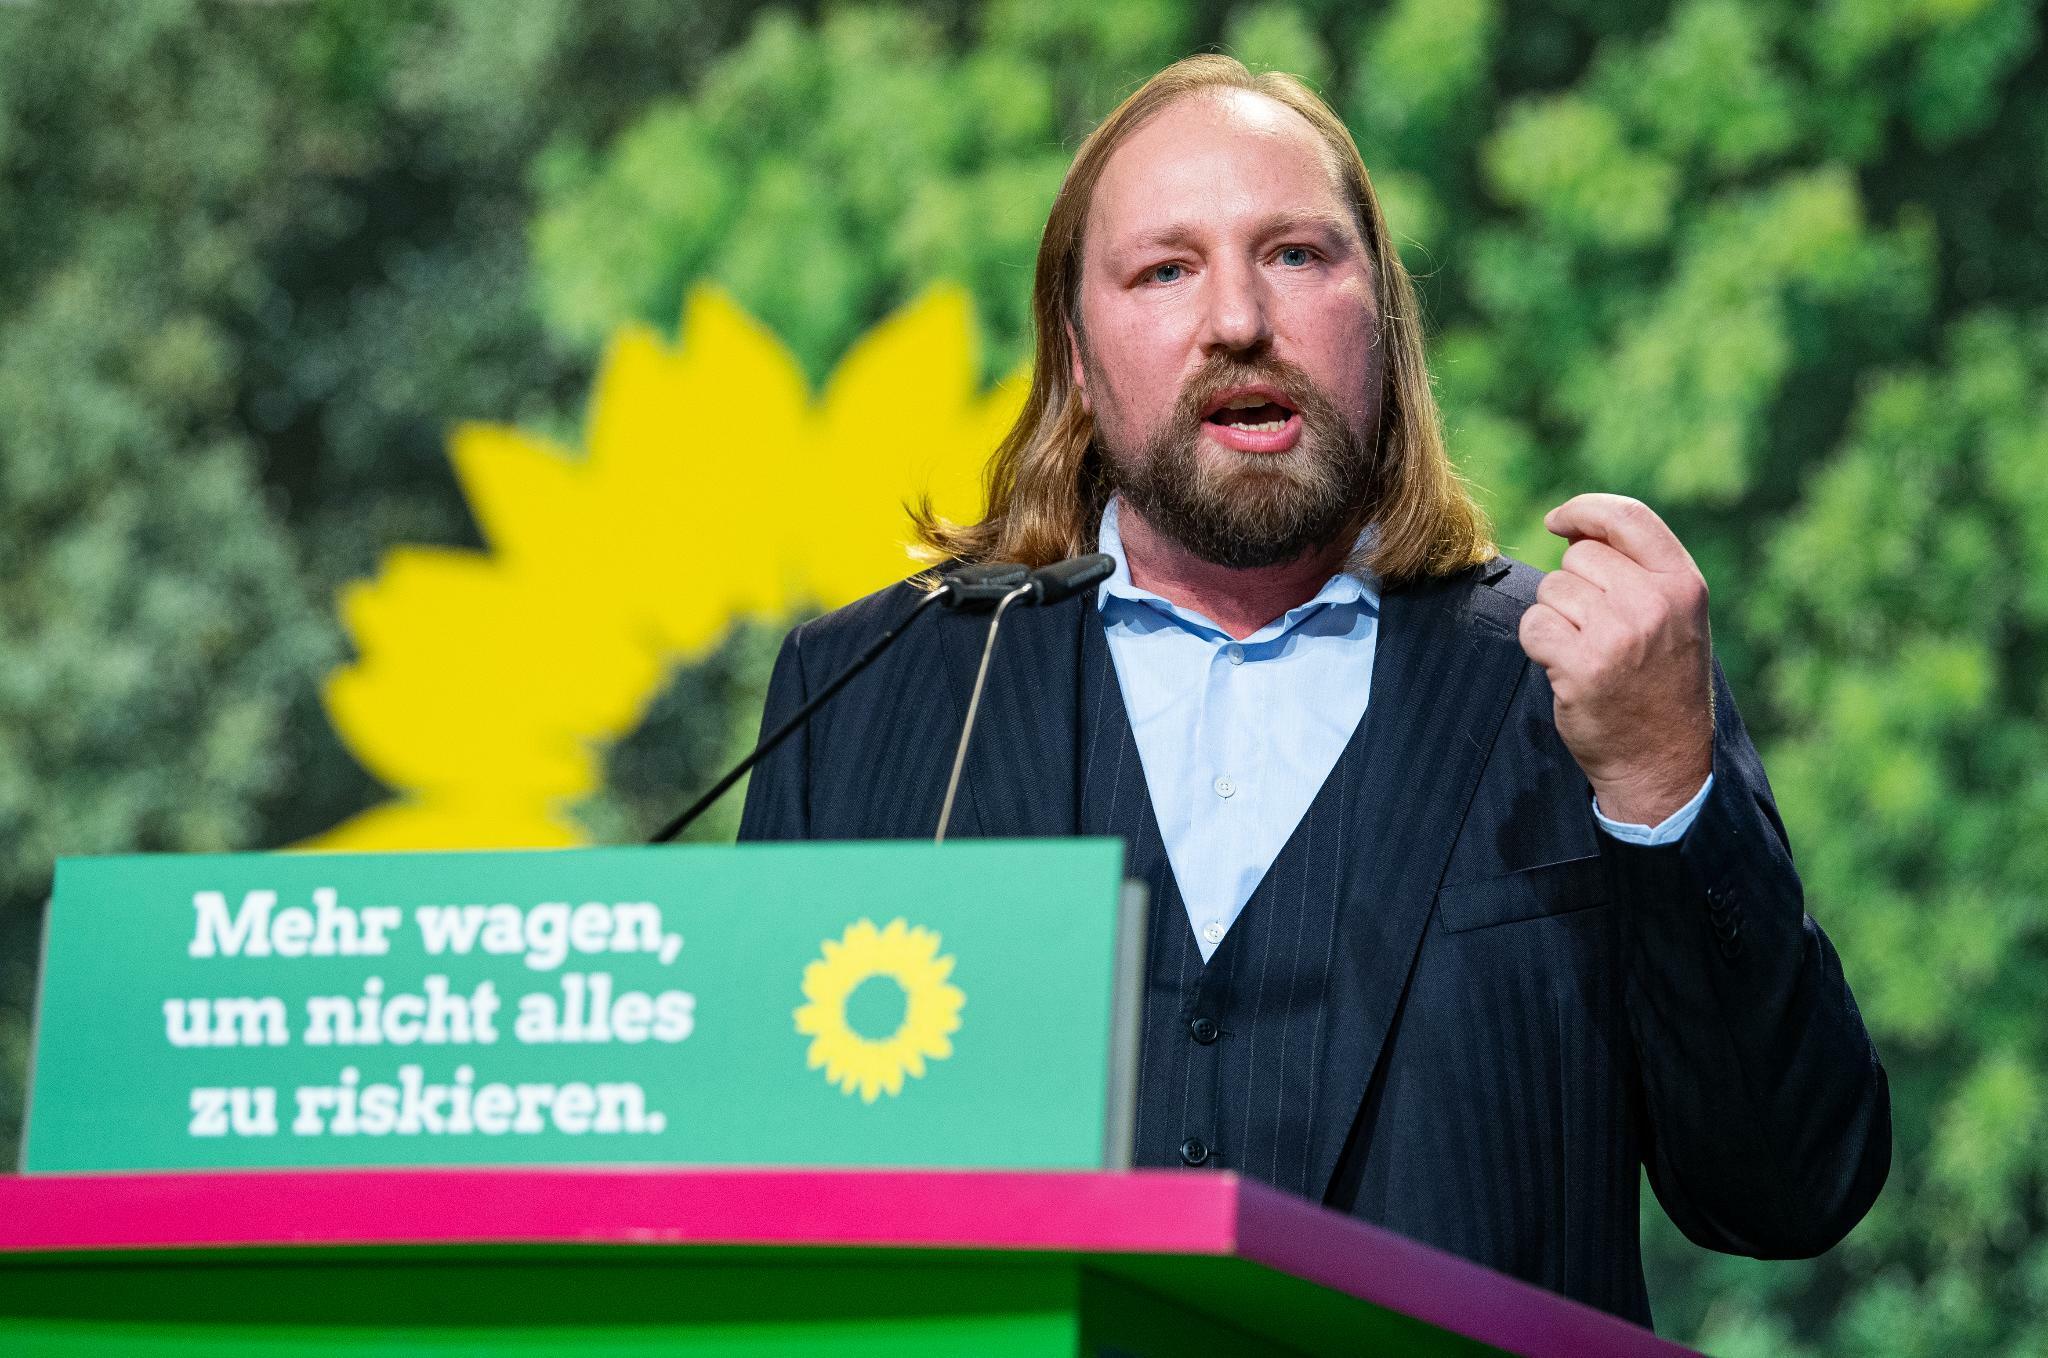 Klimapaket: Grüne verlangen Entgegenkommen der GroKo im Vermittlungsausschuss